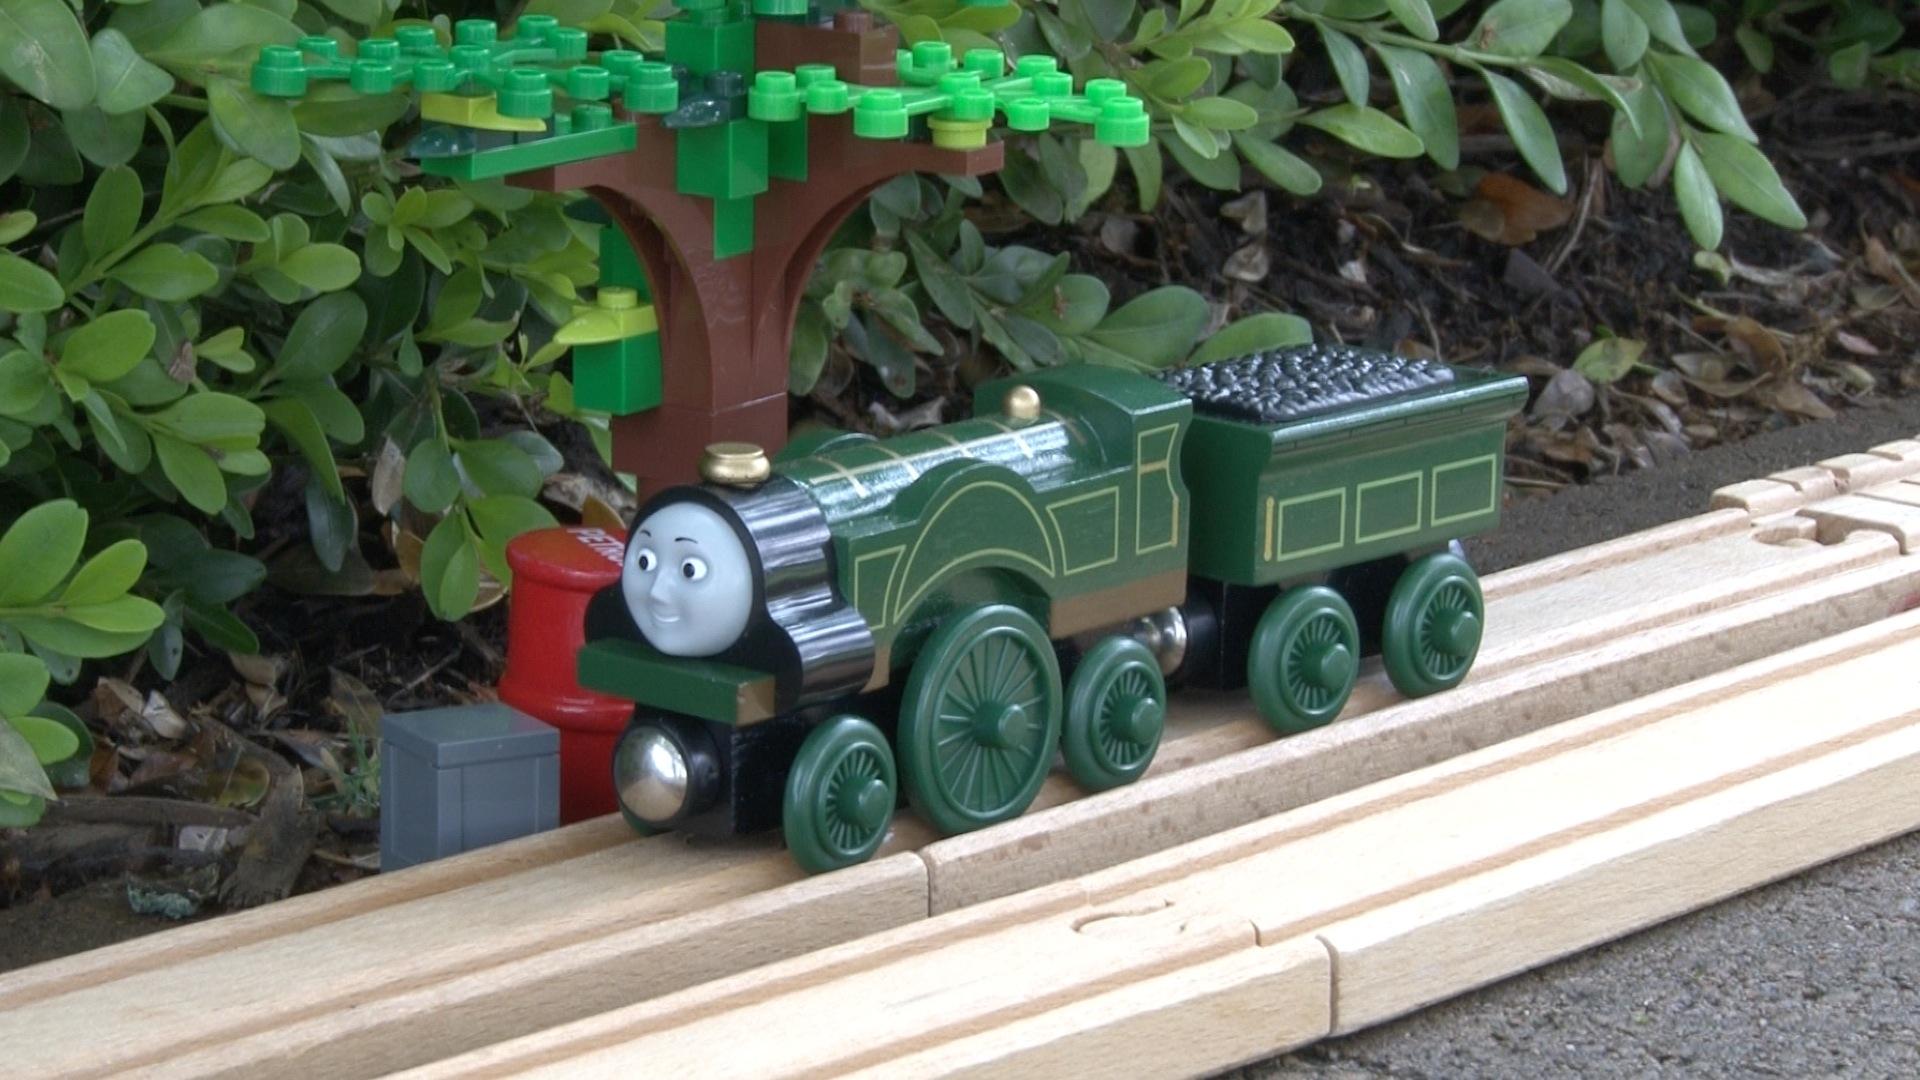 image emily the emerald engine jpg enterprisingengine93 wiki